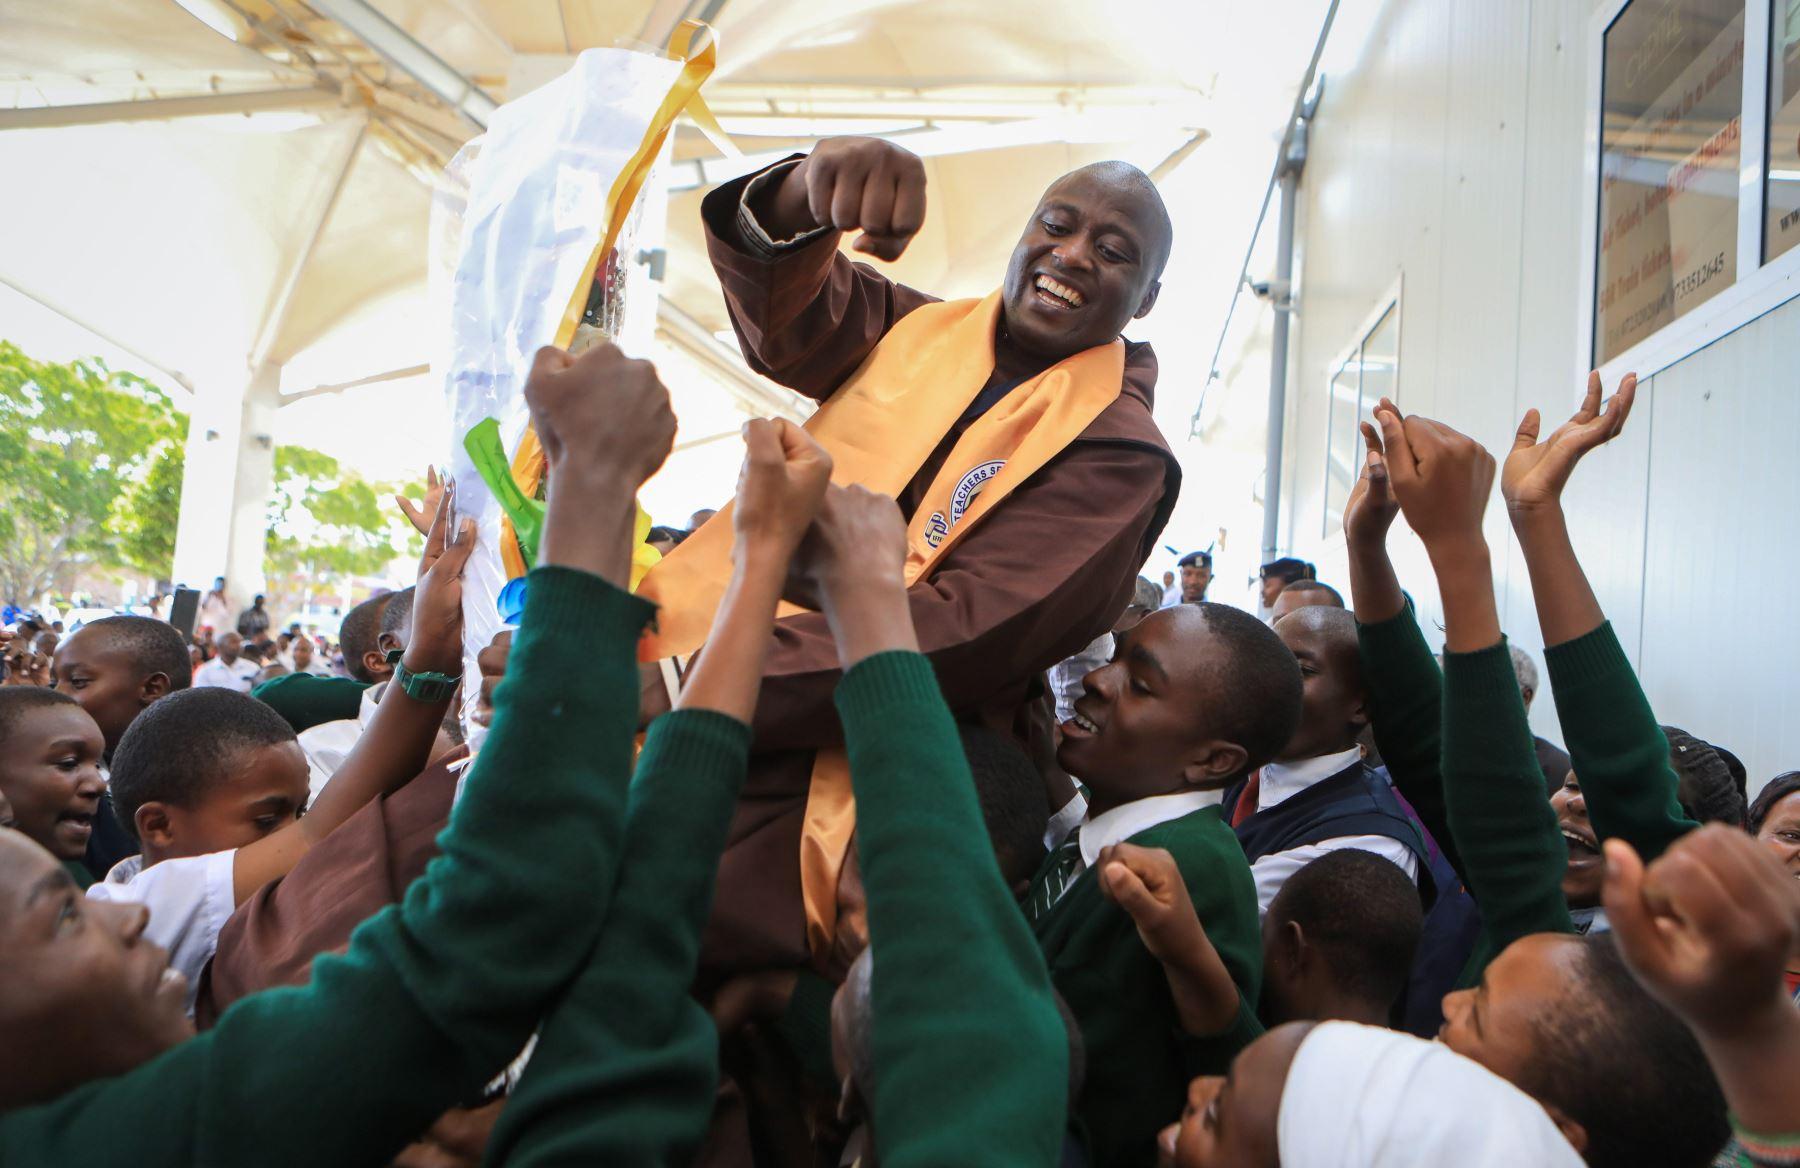 El maestro keniano Peter Tabichi, ganador del Global Teacher Prize 2019, que lo distingue como mejor profesor del mundo, es aupado por sus estudiantes en Nairobi (Kenia). Foto: EFE